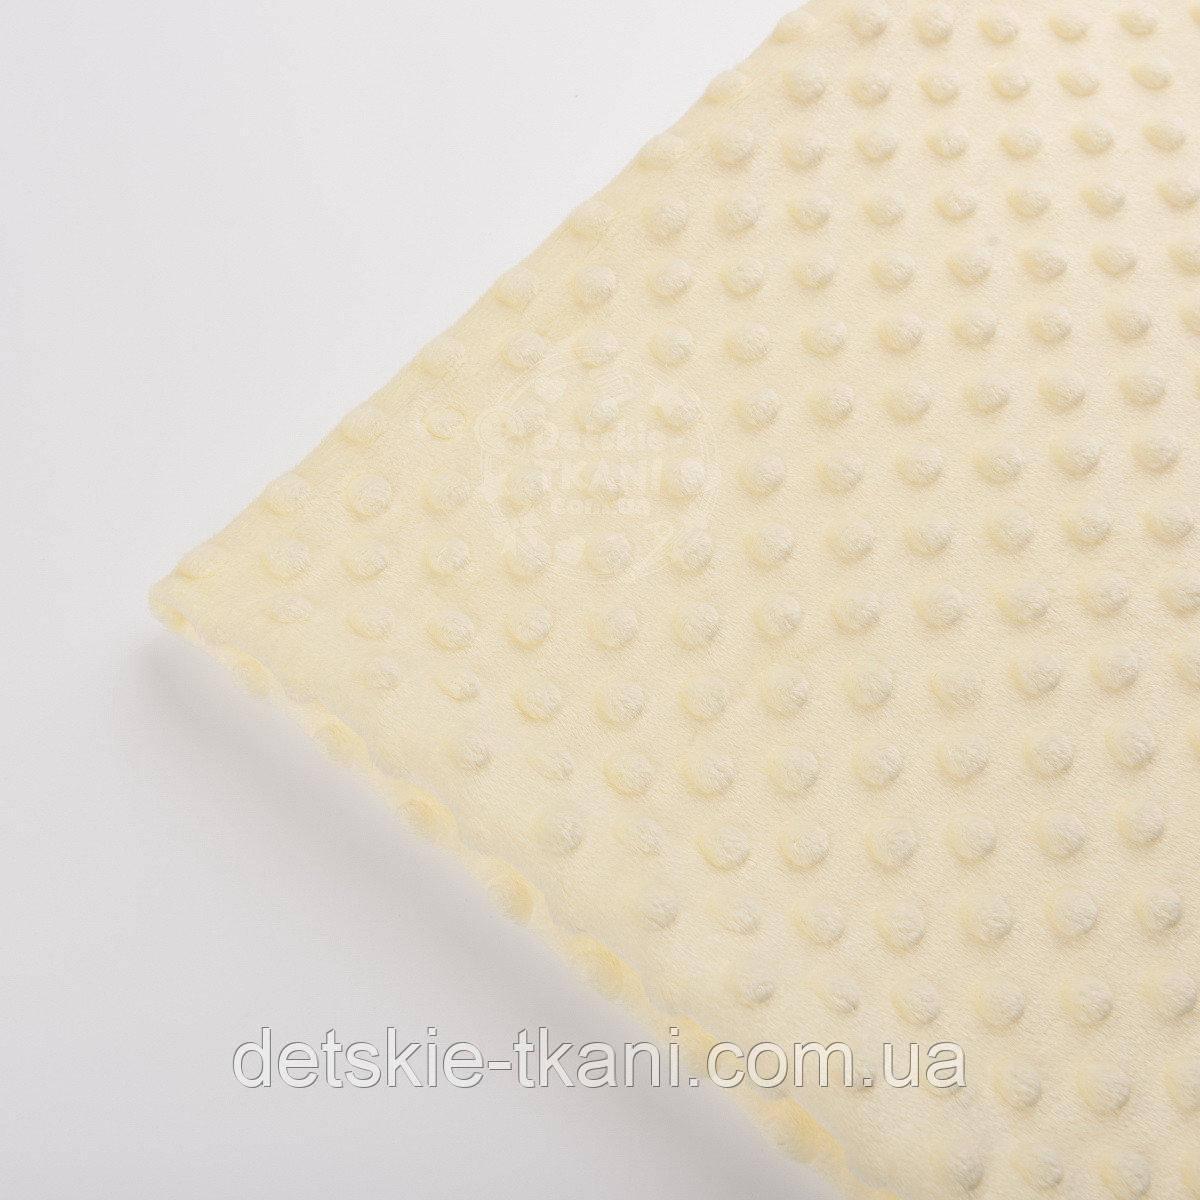 Три  лоскута плюша minky М-8 кремового цвета, размер 20*30 (2 шт), 25*35 см